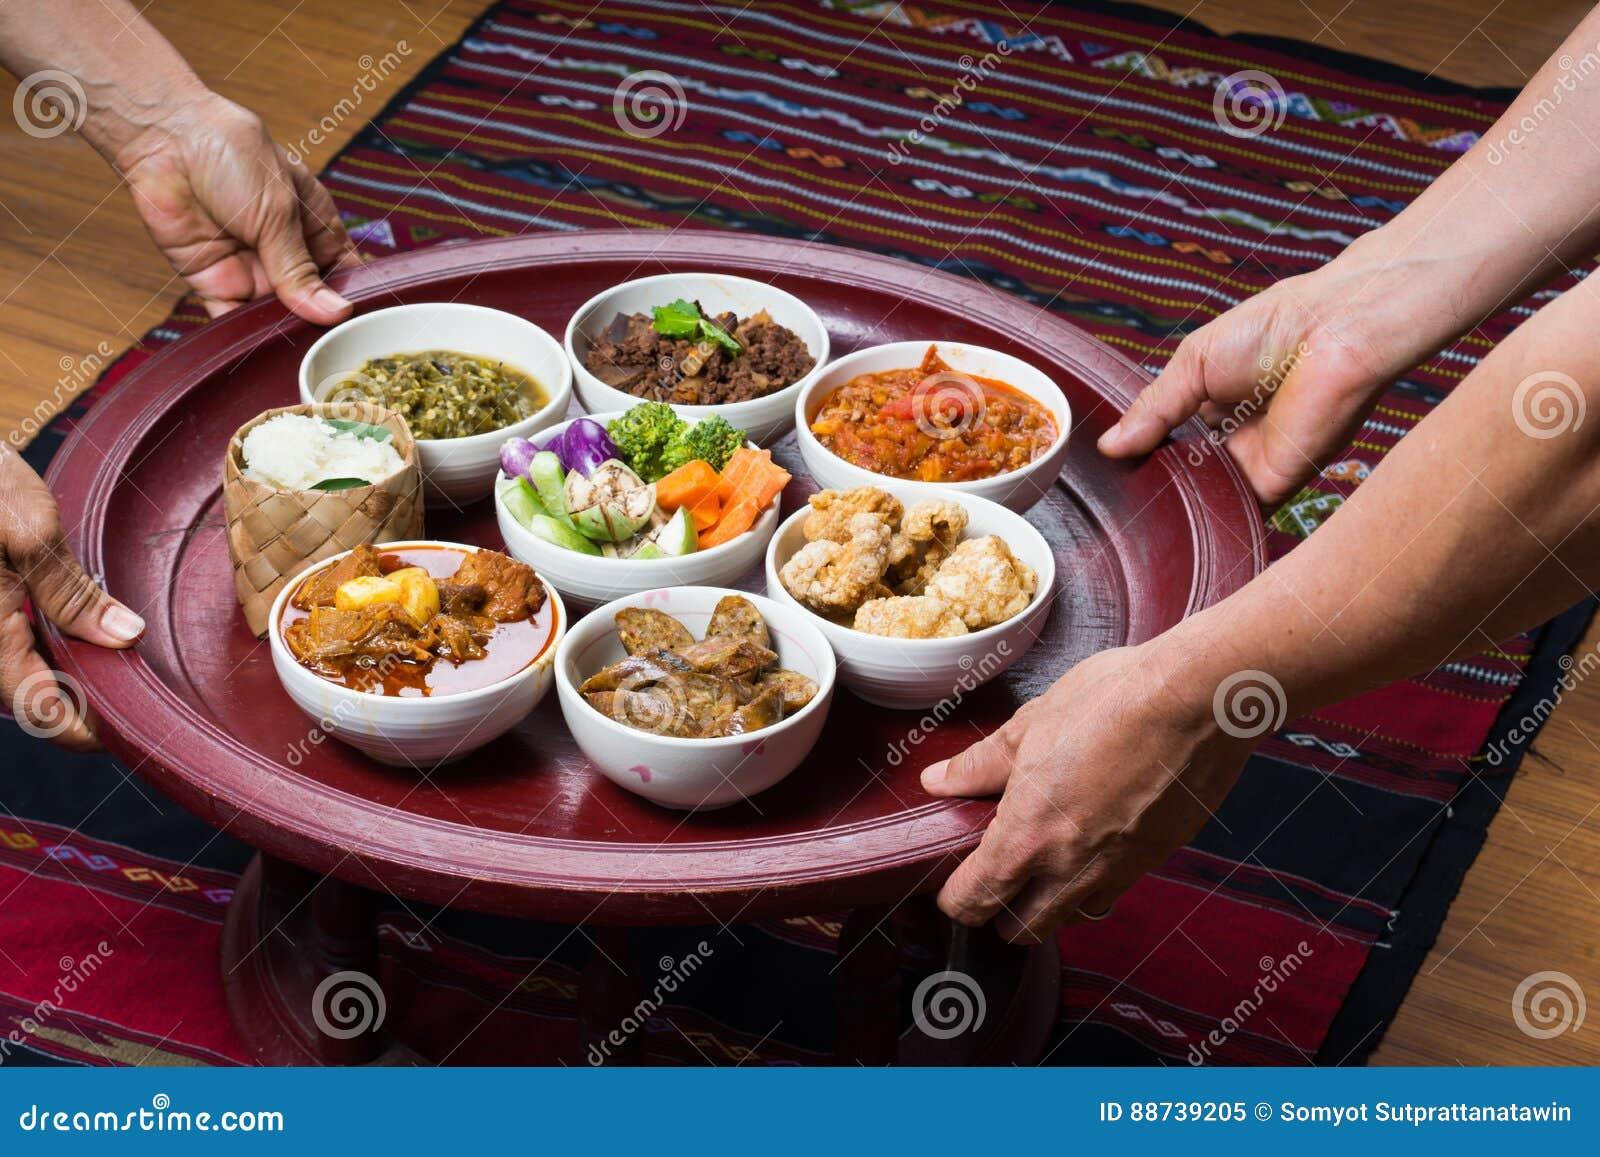 Thai traditional food dinner set called `Kantoke Dinner`